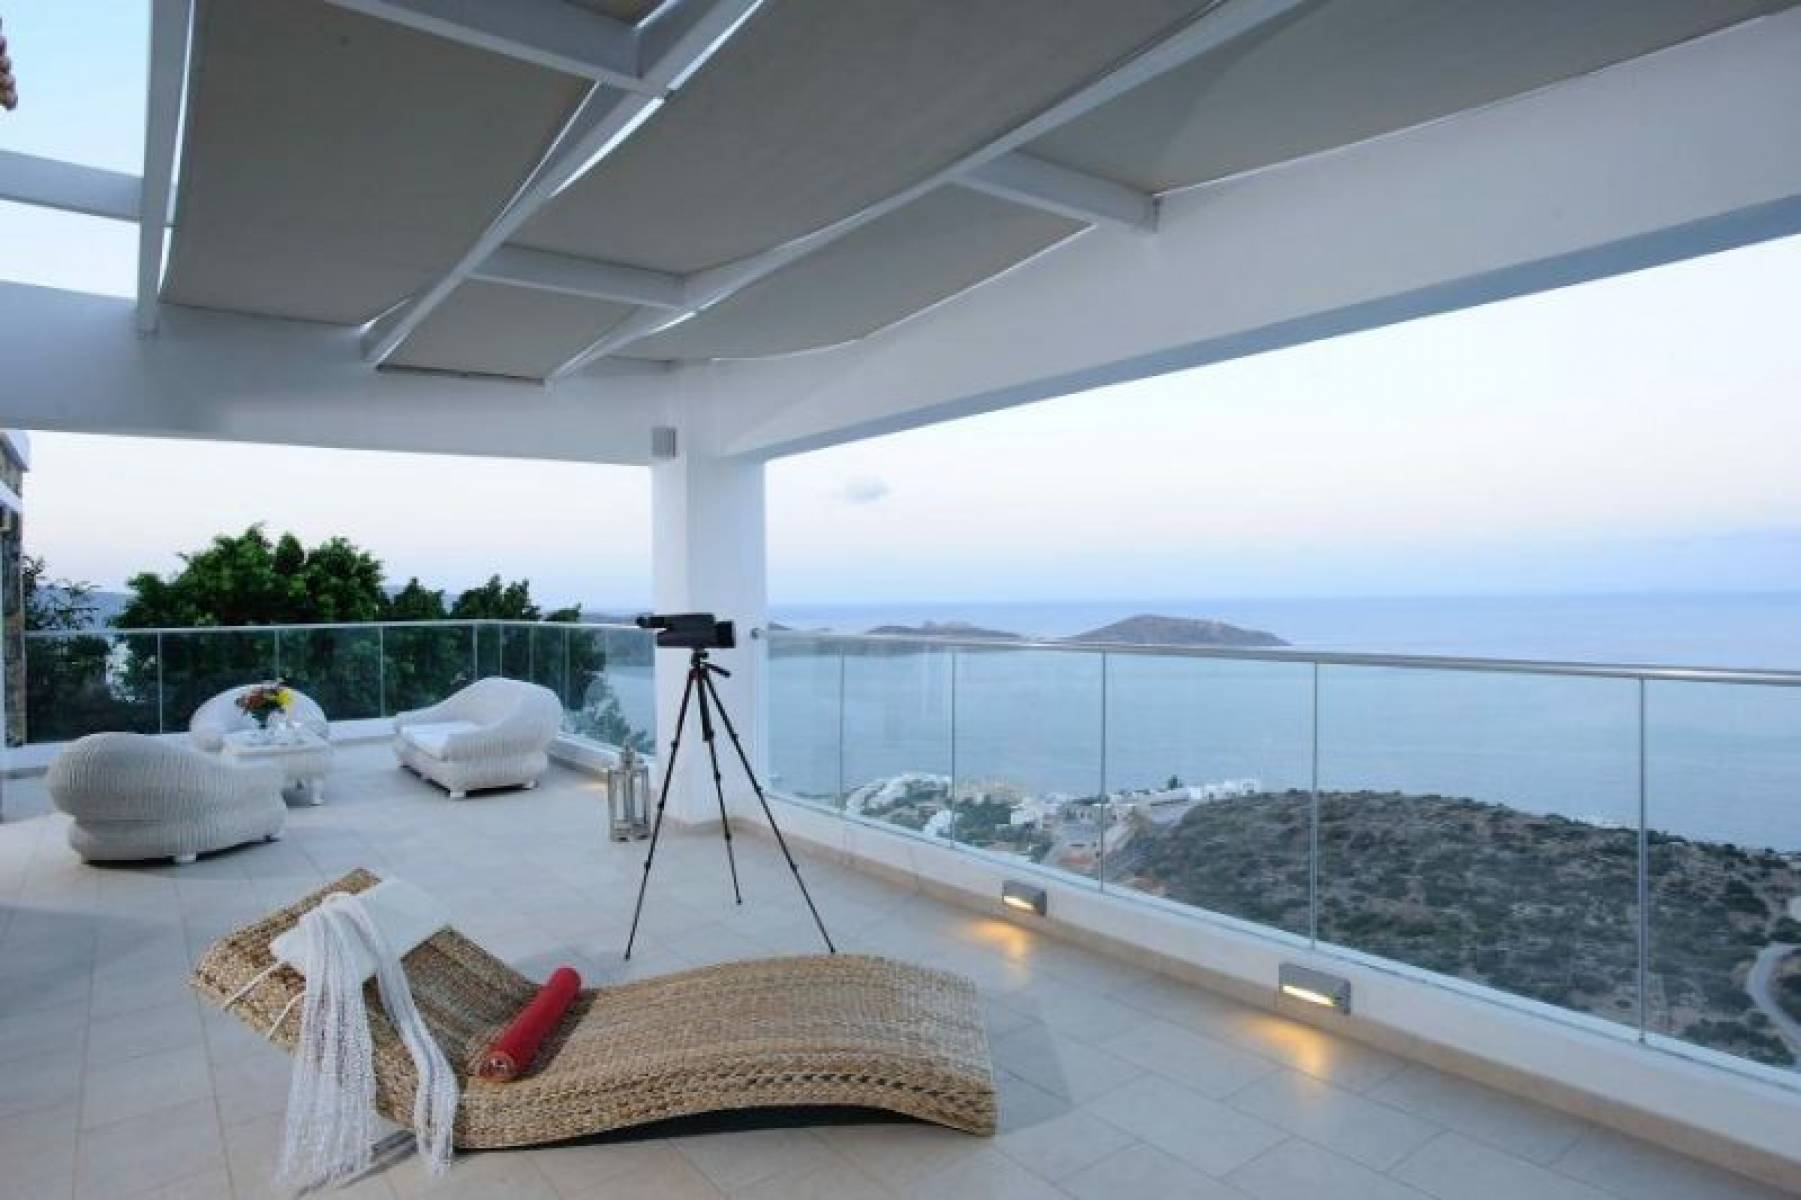 4 bedroom villa with sea views